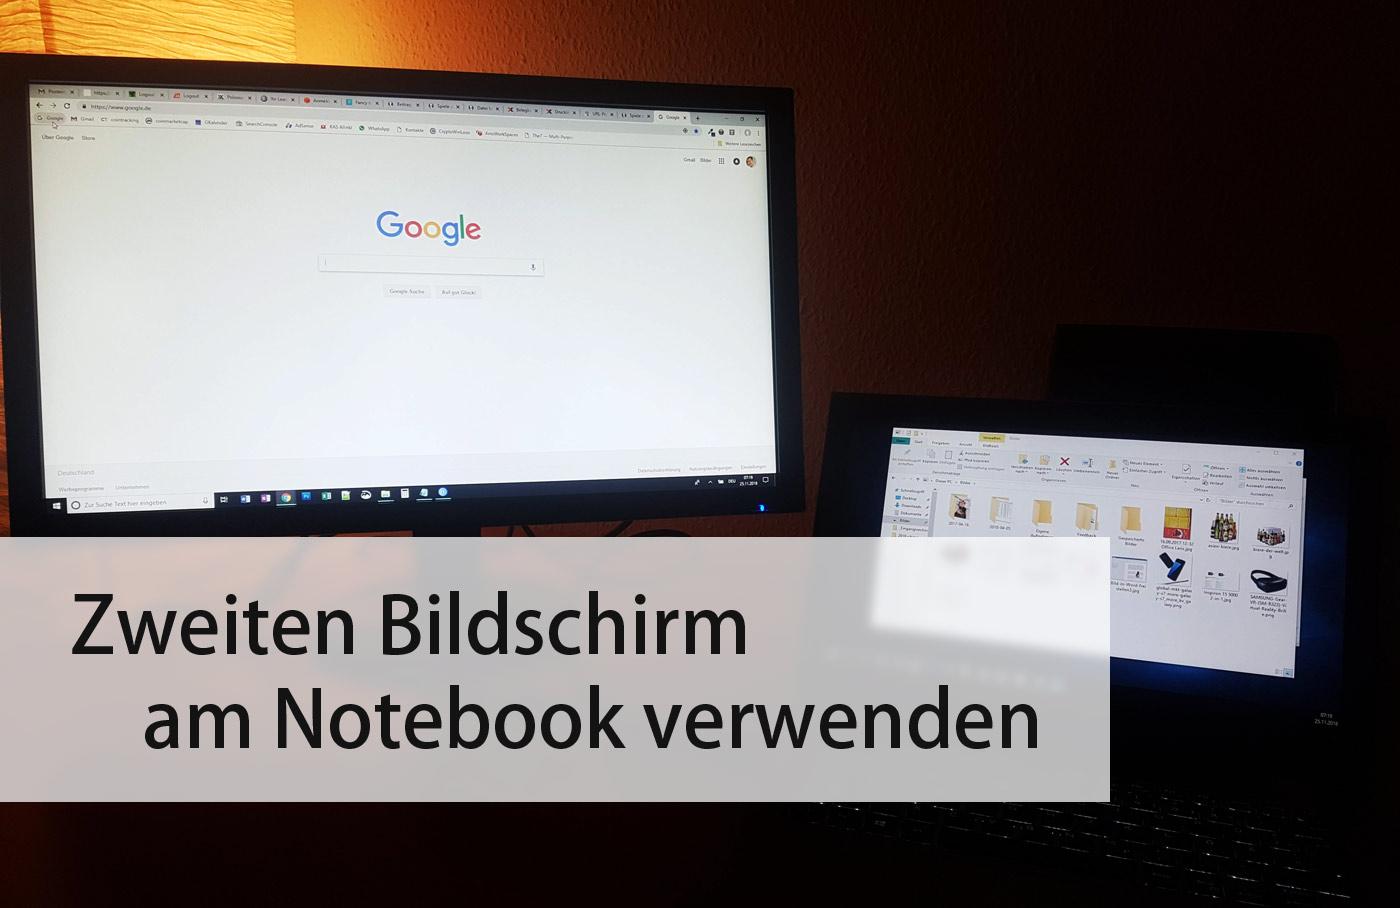 Zweiten Bildschirm am Notebook verwenden